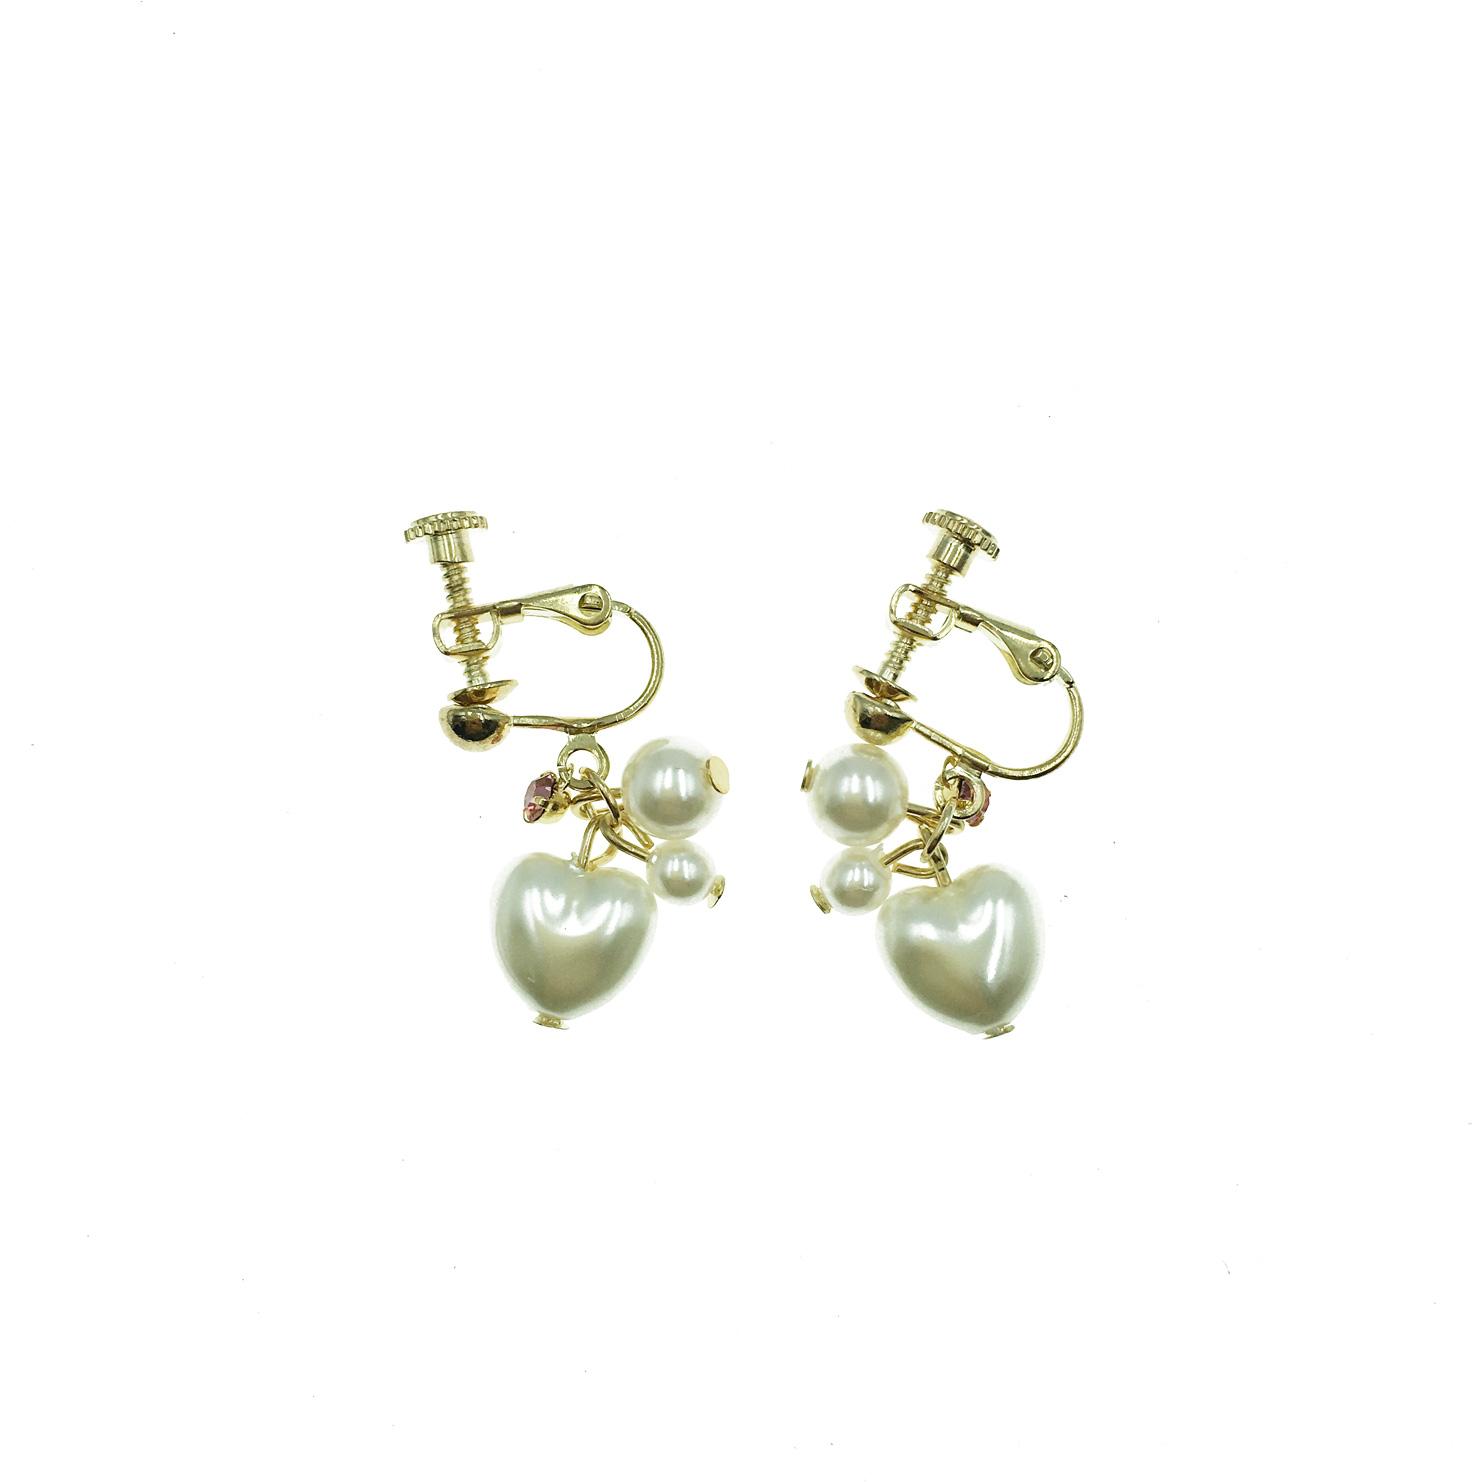 韓國 愛心型 珍珠 粉水鑽 吊墜 夾式耳環